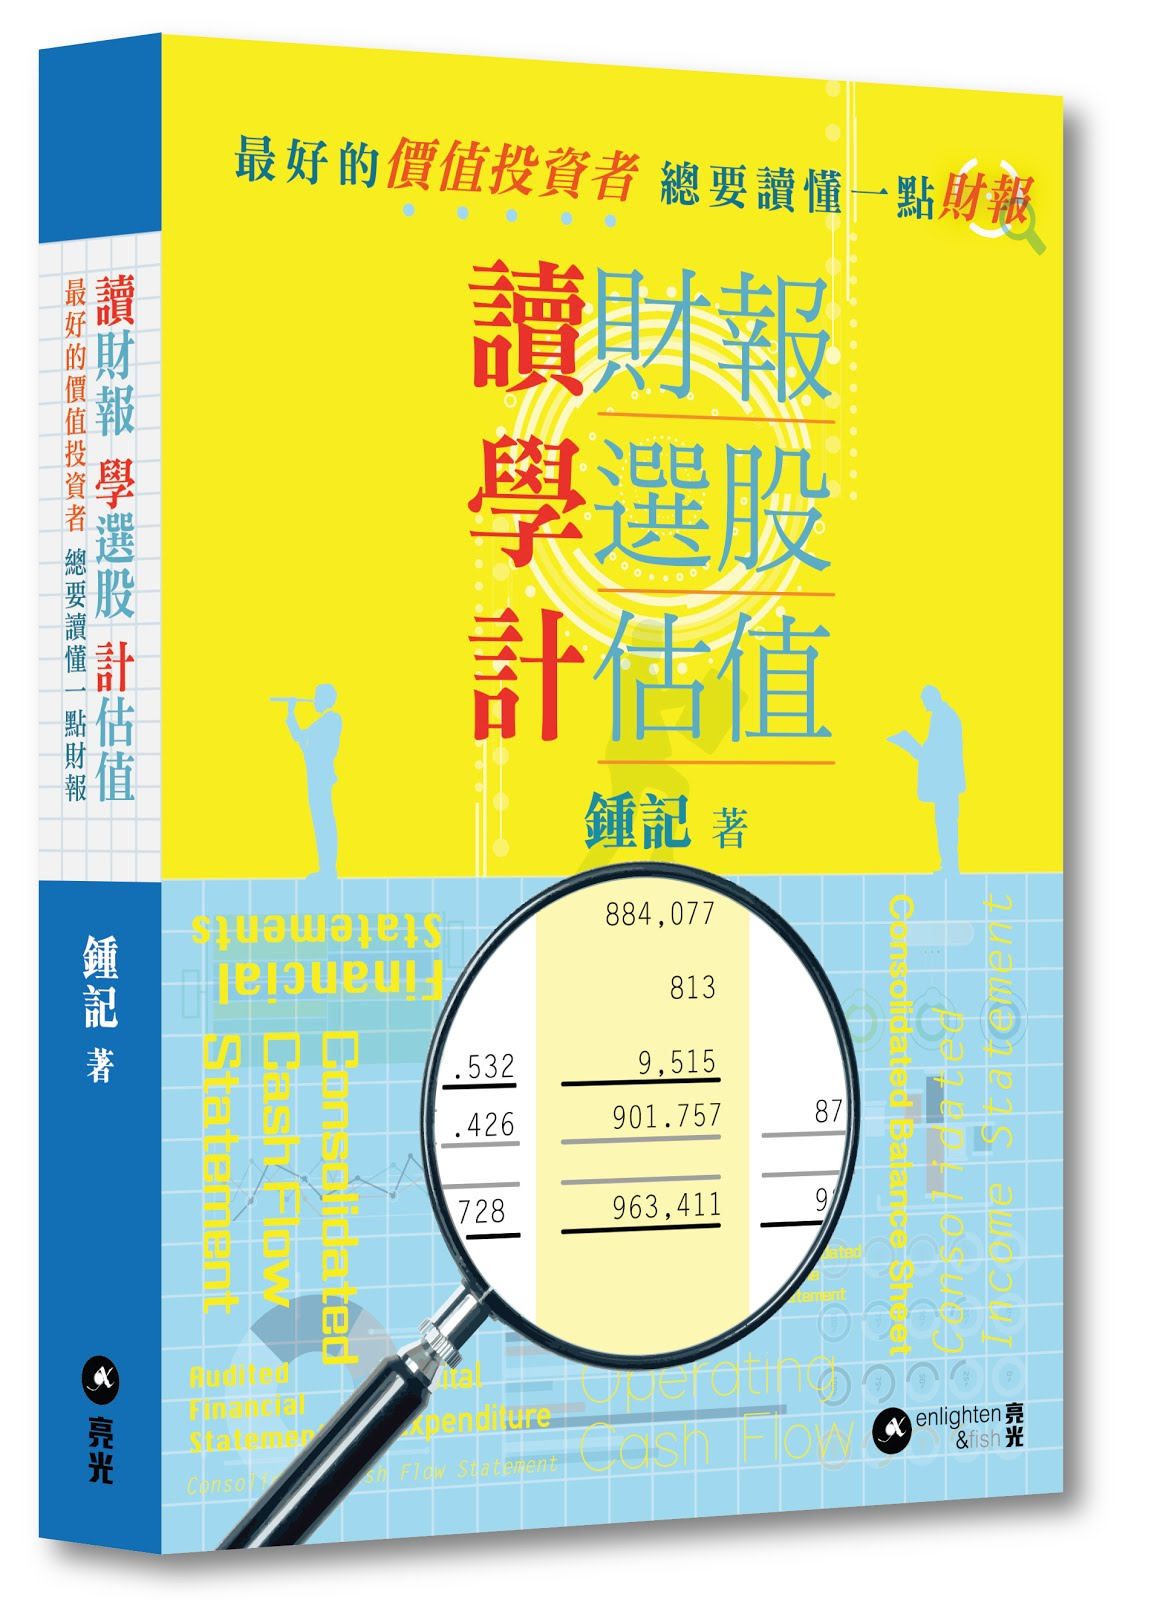 第三本書《讀財報 學選股 計估值》已經出版,請多多支持!